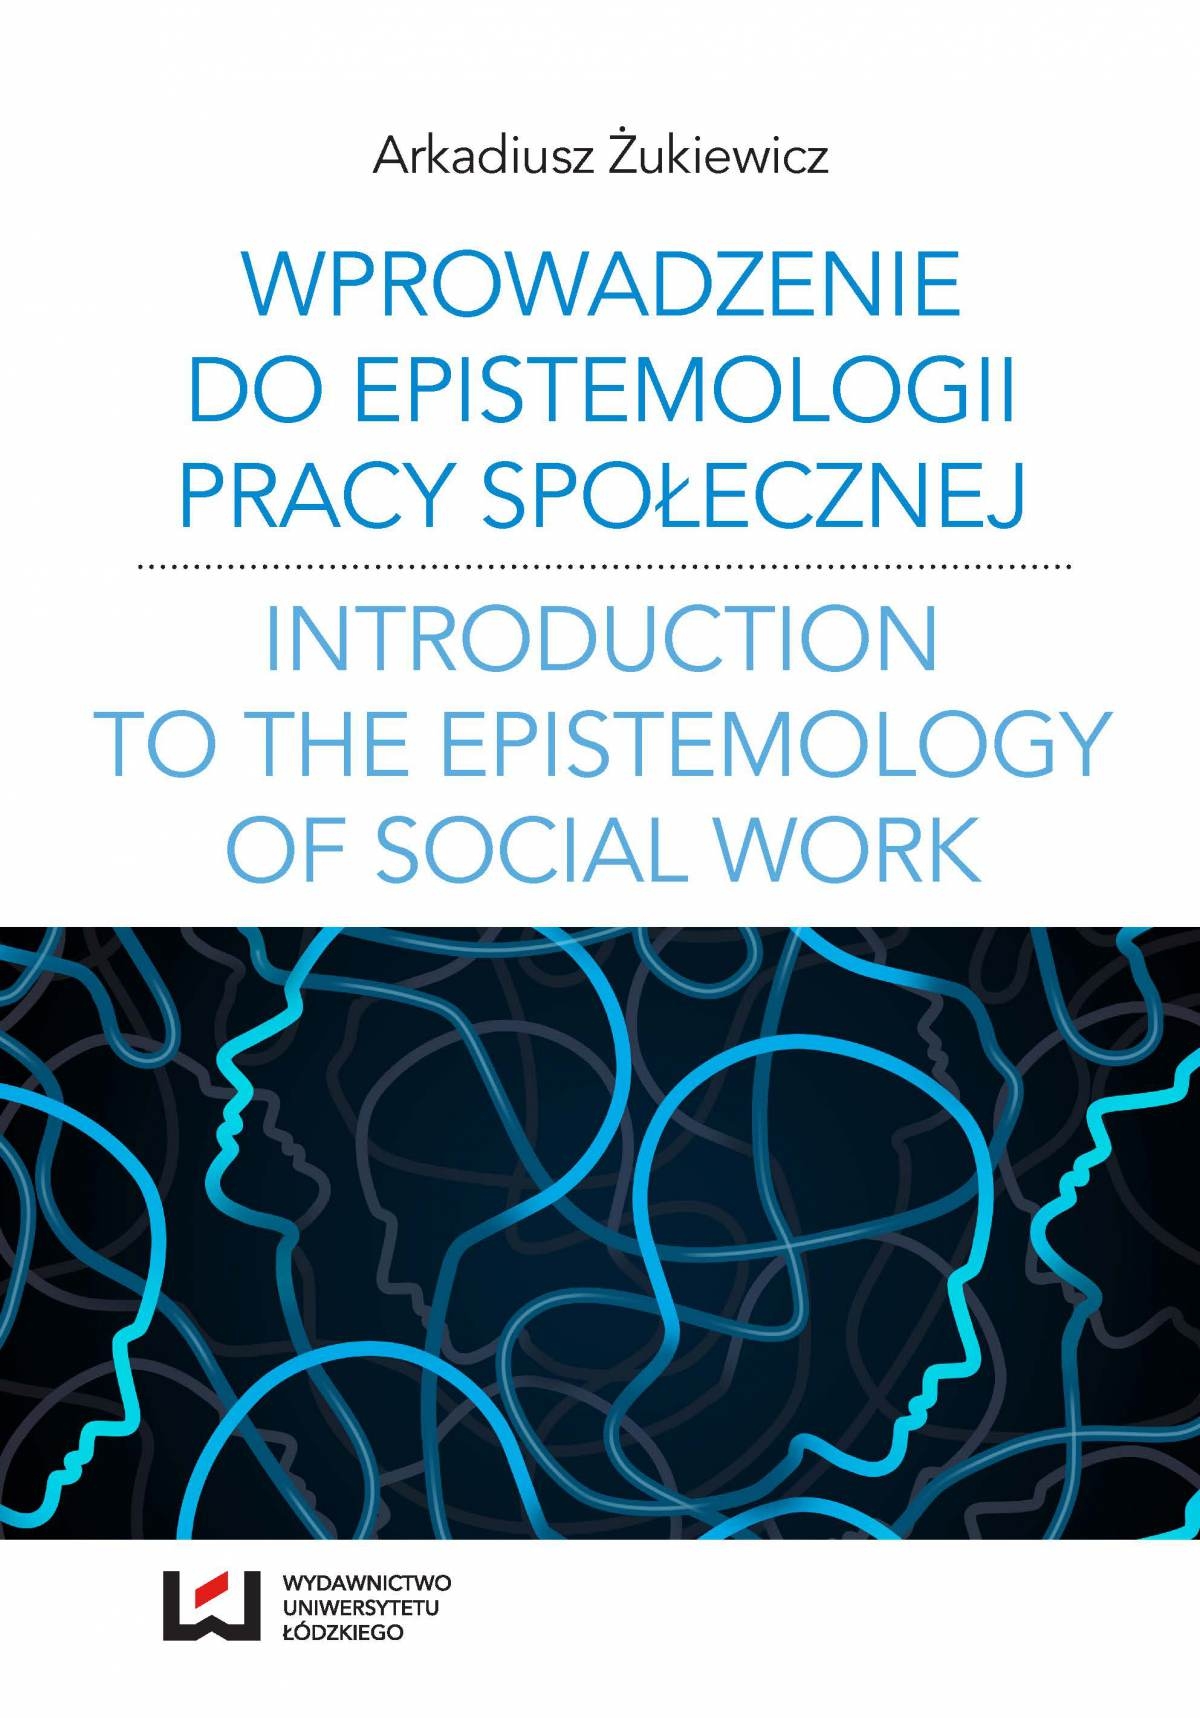 Wprowadzenie do epistemologii pracy społecznej. Odniesienia do społeczno-pedagogicznej perspektywy poznania pracy społecznej - Ebook (Książka PDF) do pobrania w formacie PDF